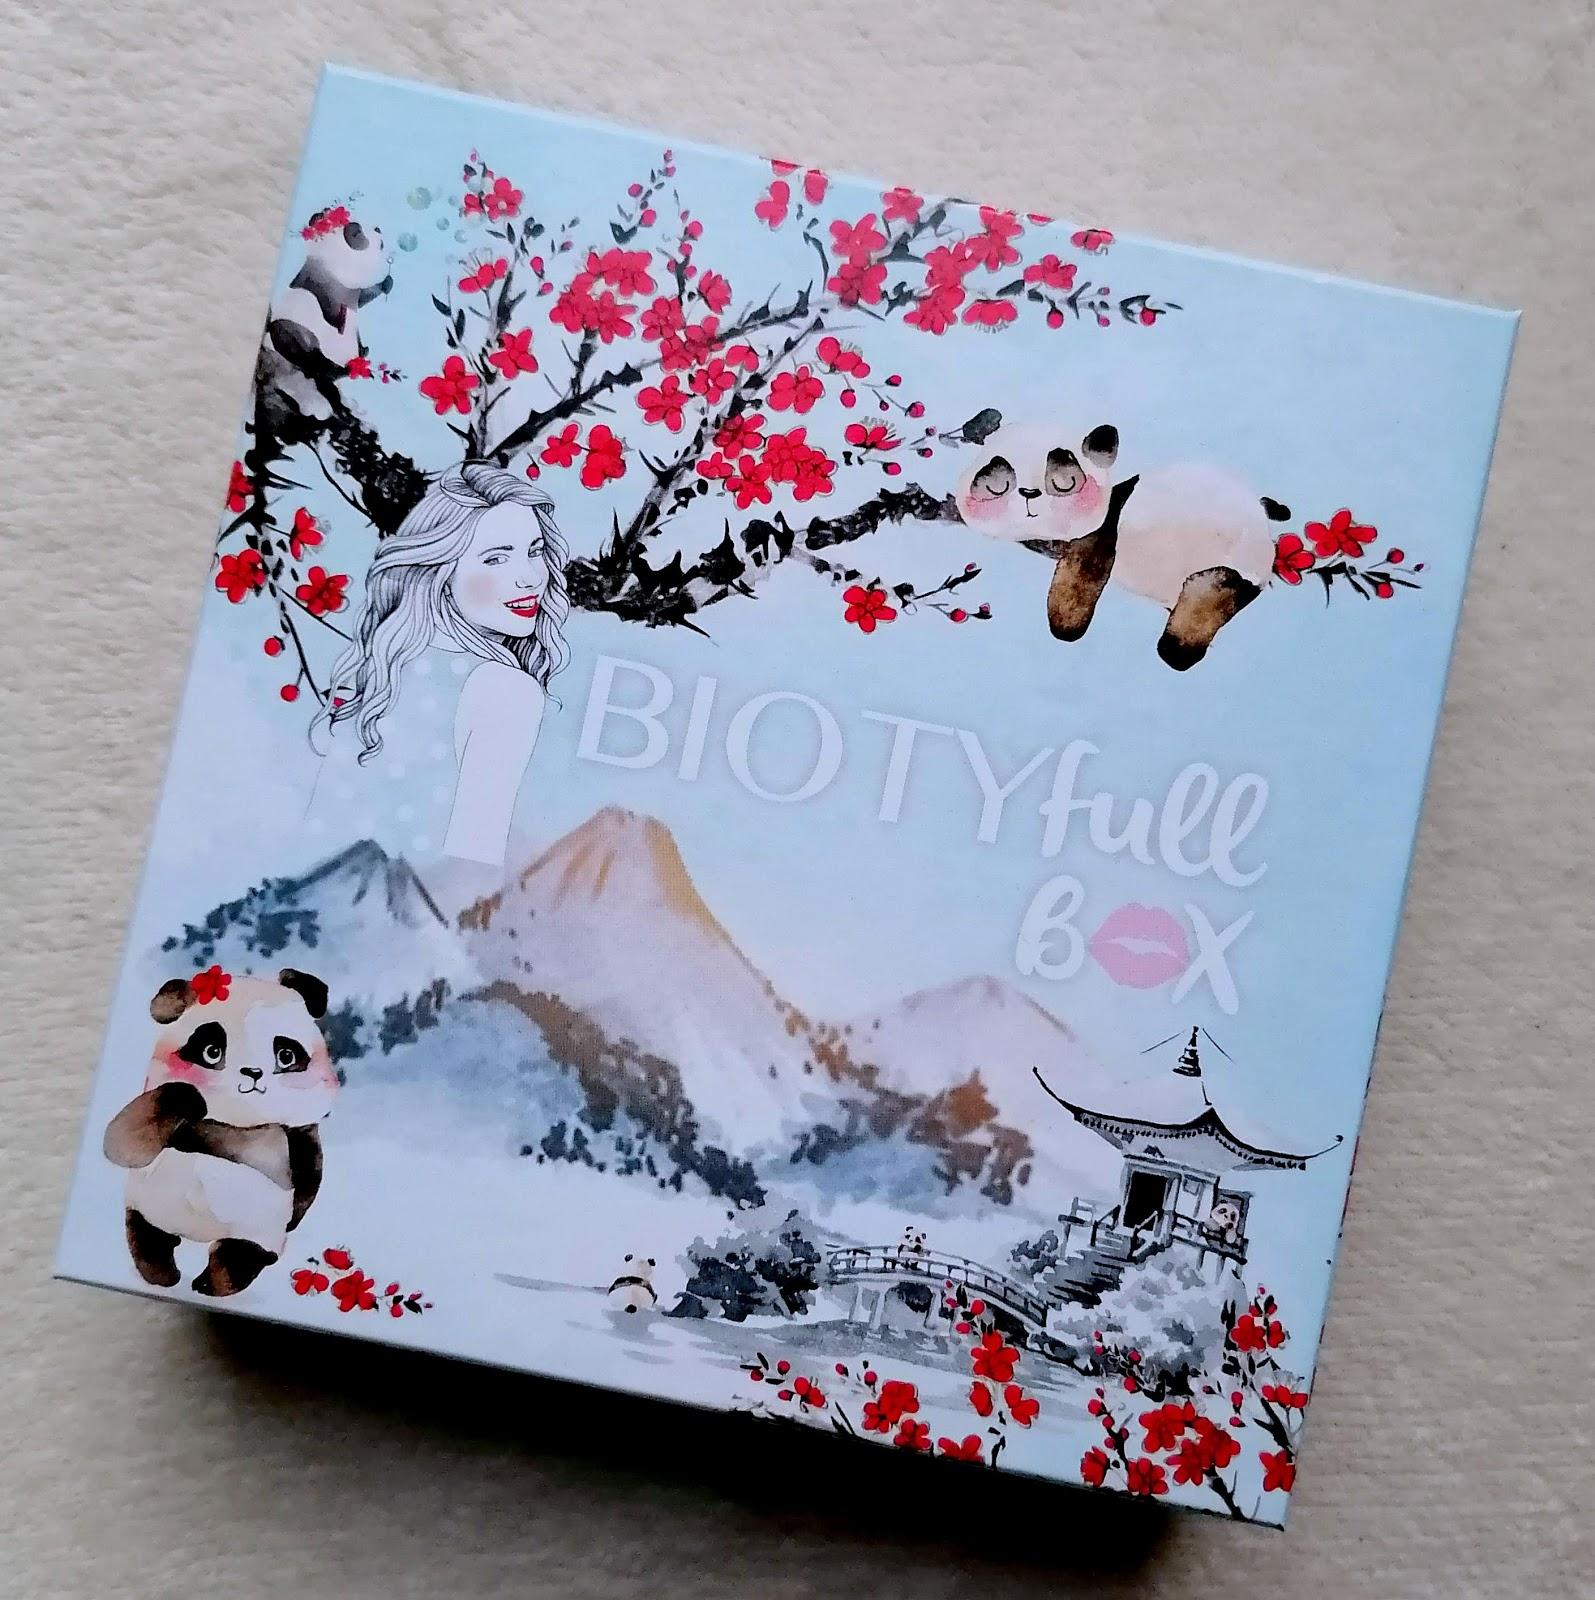 BIOTYFULLBOX Janvier 2020 : La layering panda!